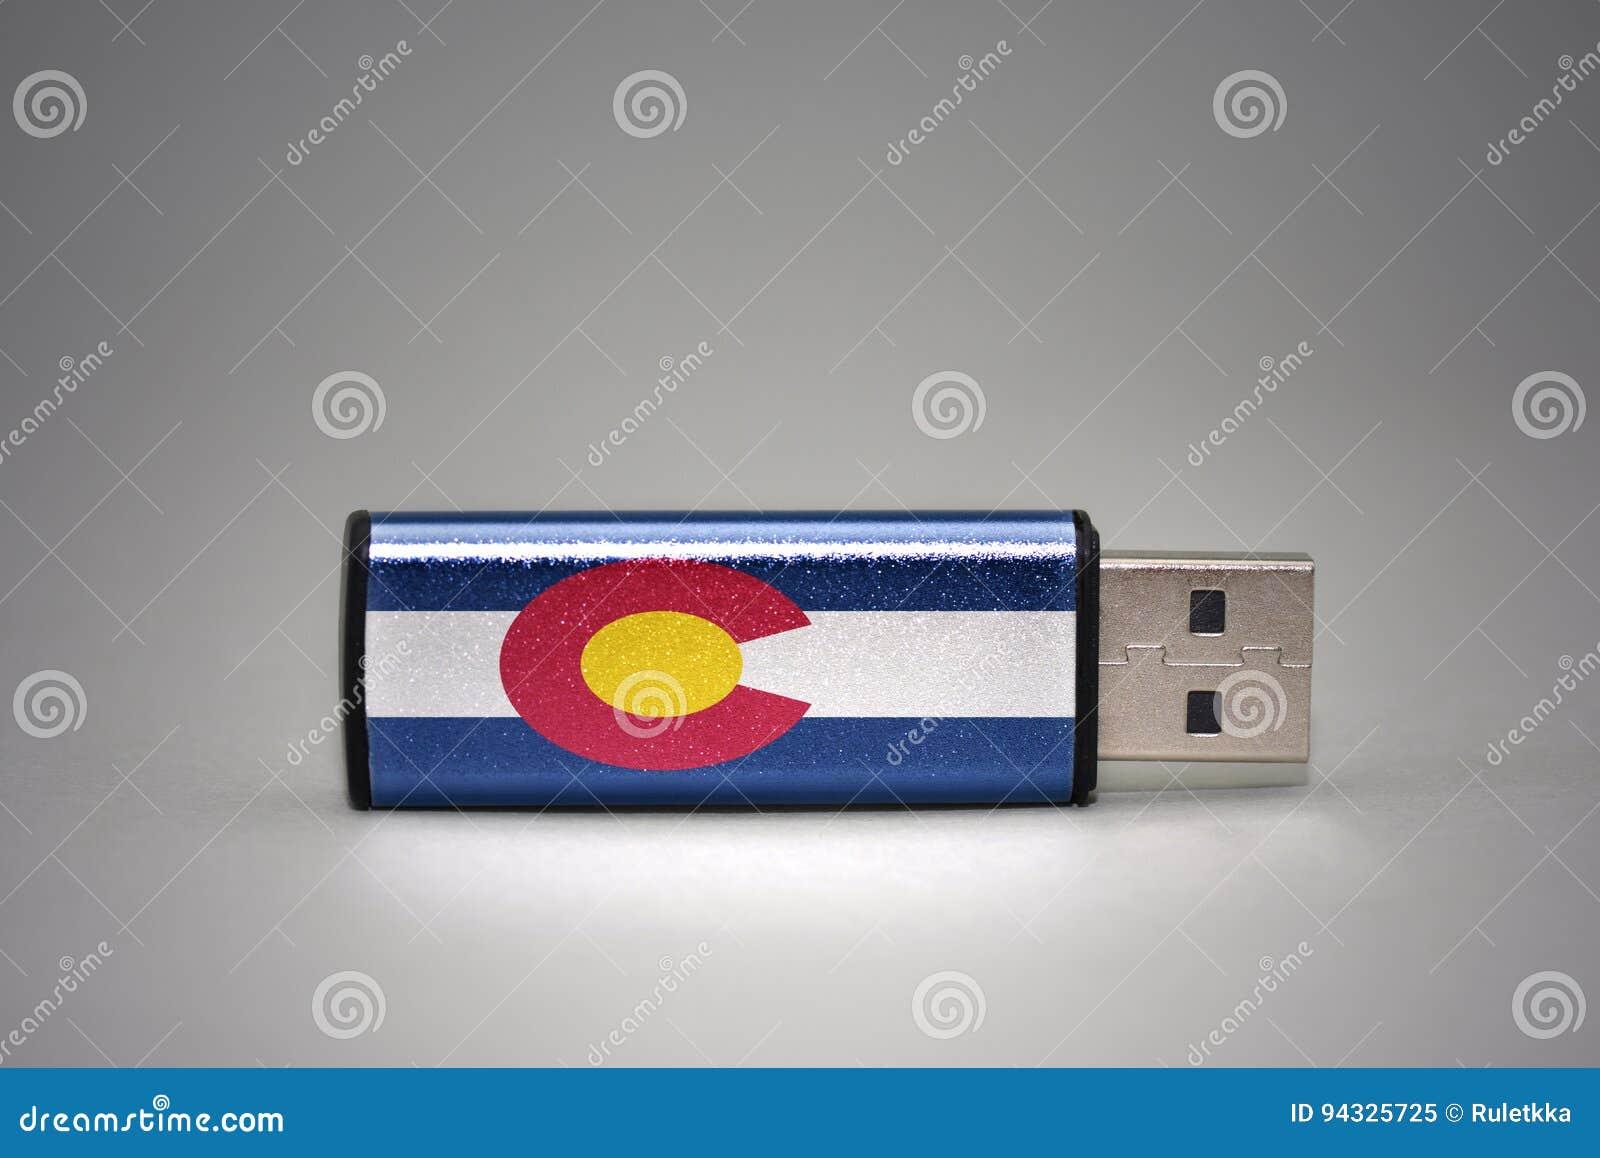 Movimentação do flash do Usb com a bandeira do estado de Colorado no fundo cinzento